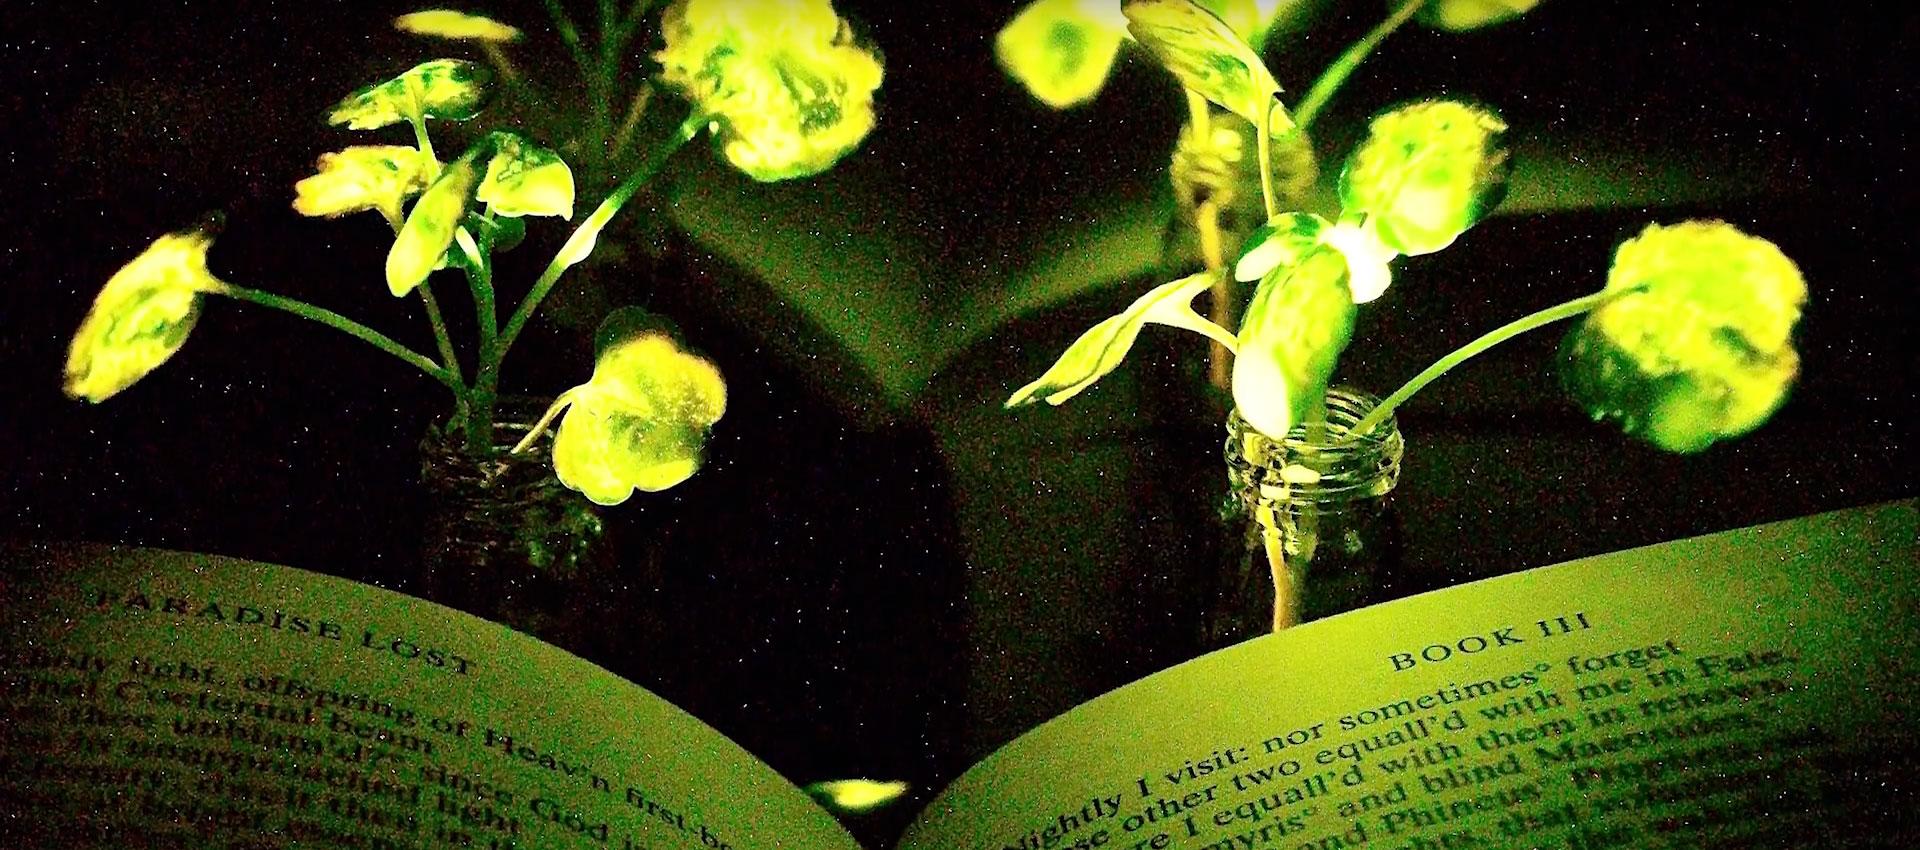 Seon-Yeong Kwak. Iluminación de un libro con las plantas emisoras de luz nanobiónica (dos plantas de berros de tres semanas y media de edad). El libro y las plantas de berros emisores de luz se colocaron frente a un papel reflectante para aumentar la influencia de las plantas emisoras de luz en las páginas del libro